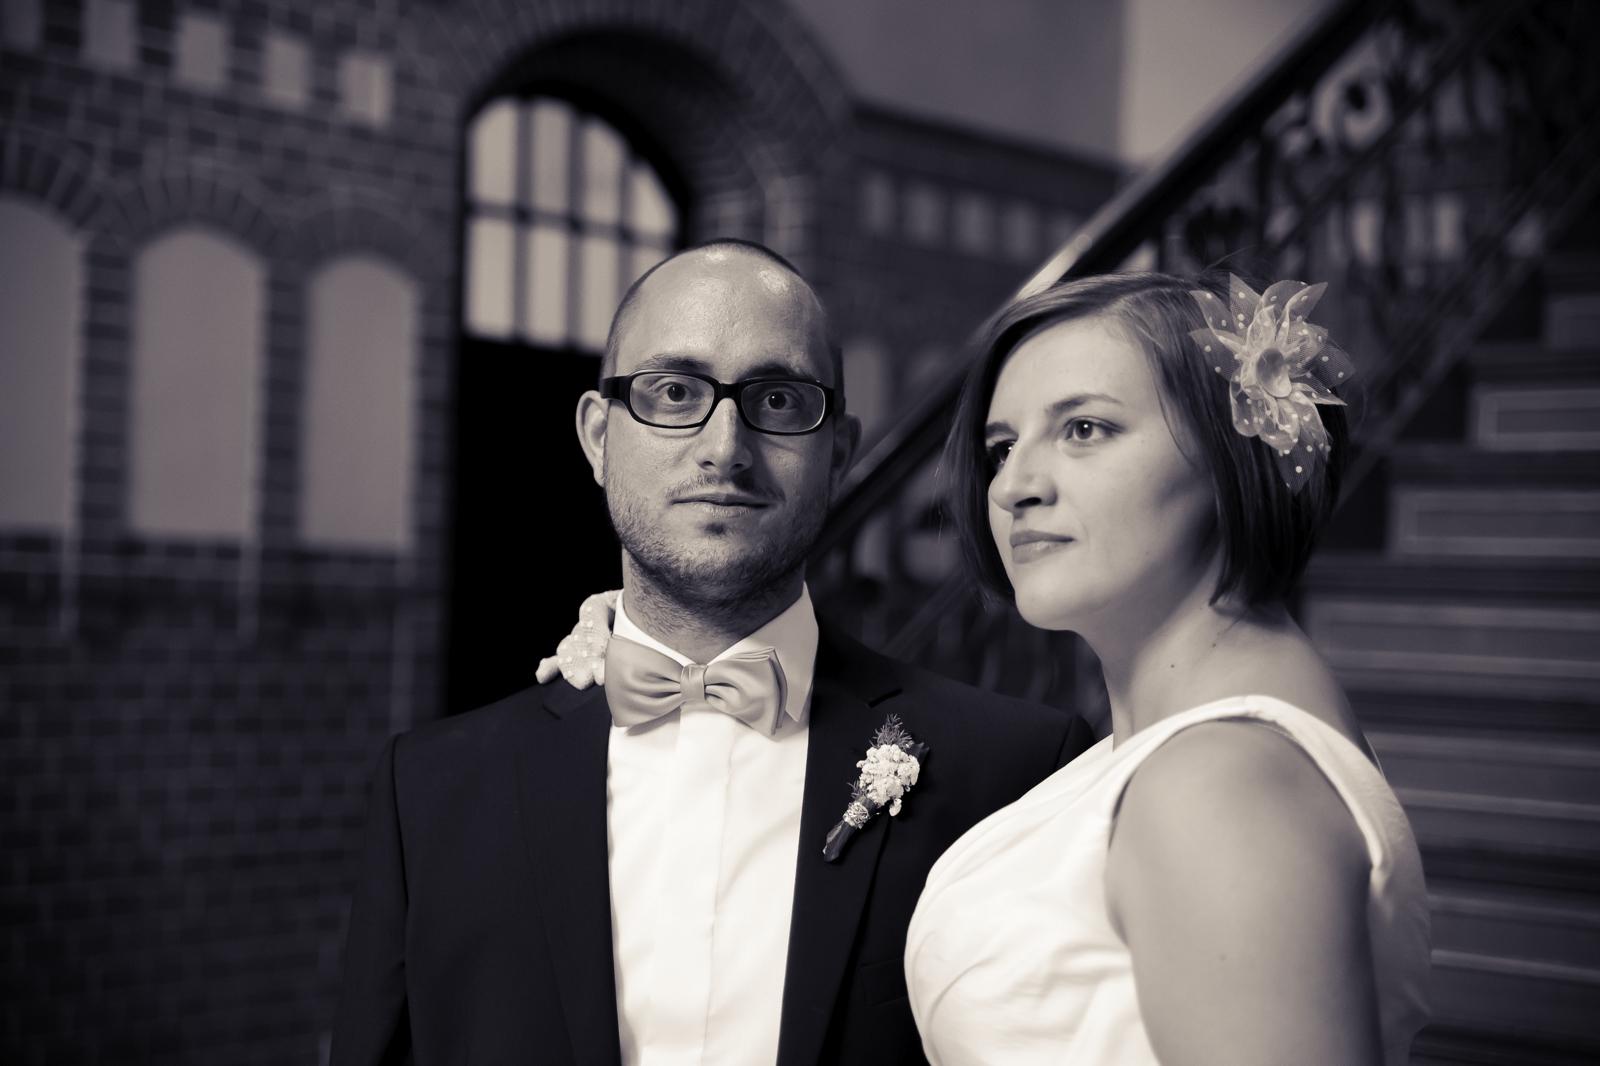 Monstergraphie_Hochzeitsreportage_Dortmund_Zeche_Zollern34.jpg?fit=1600%2C1066